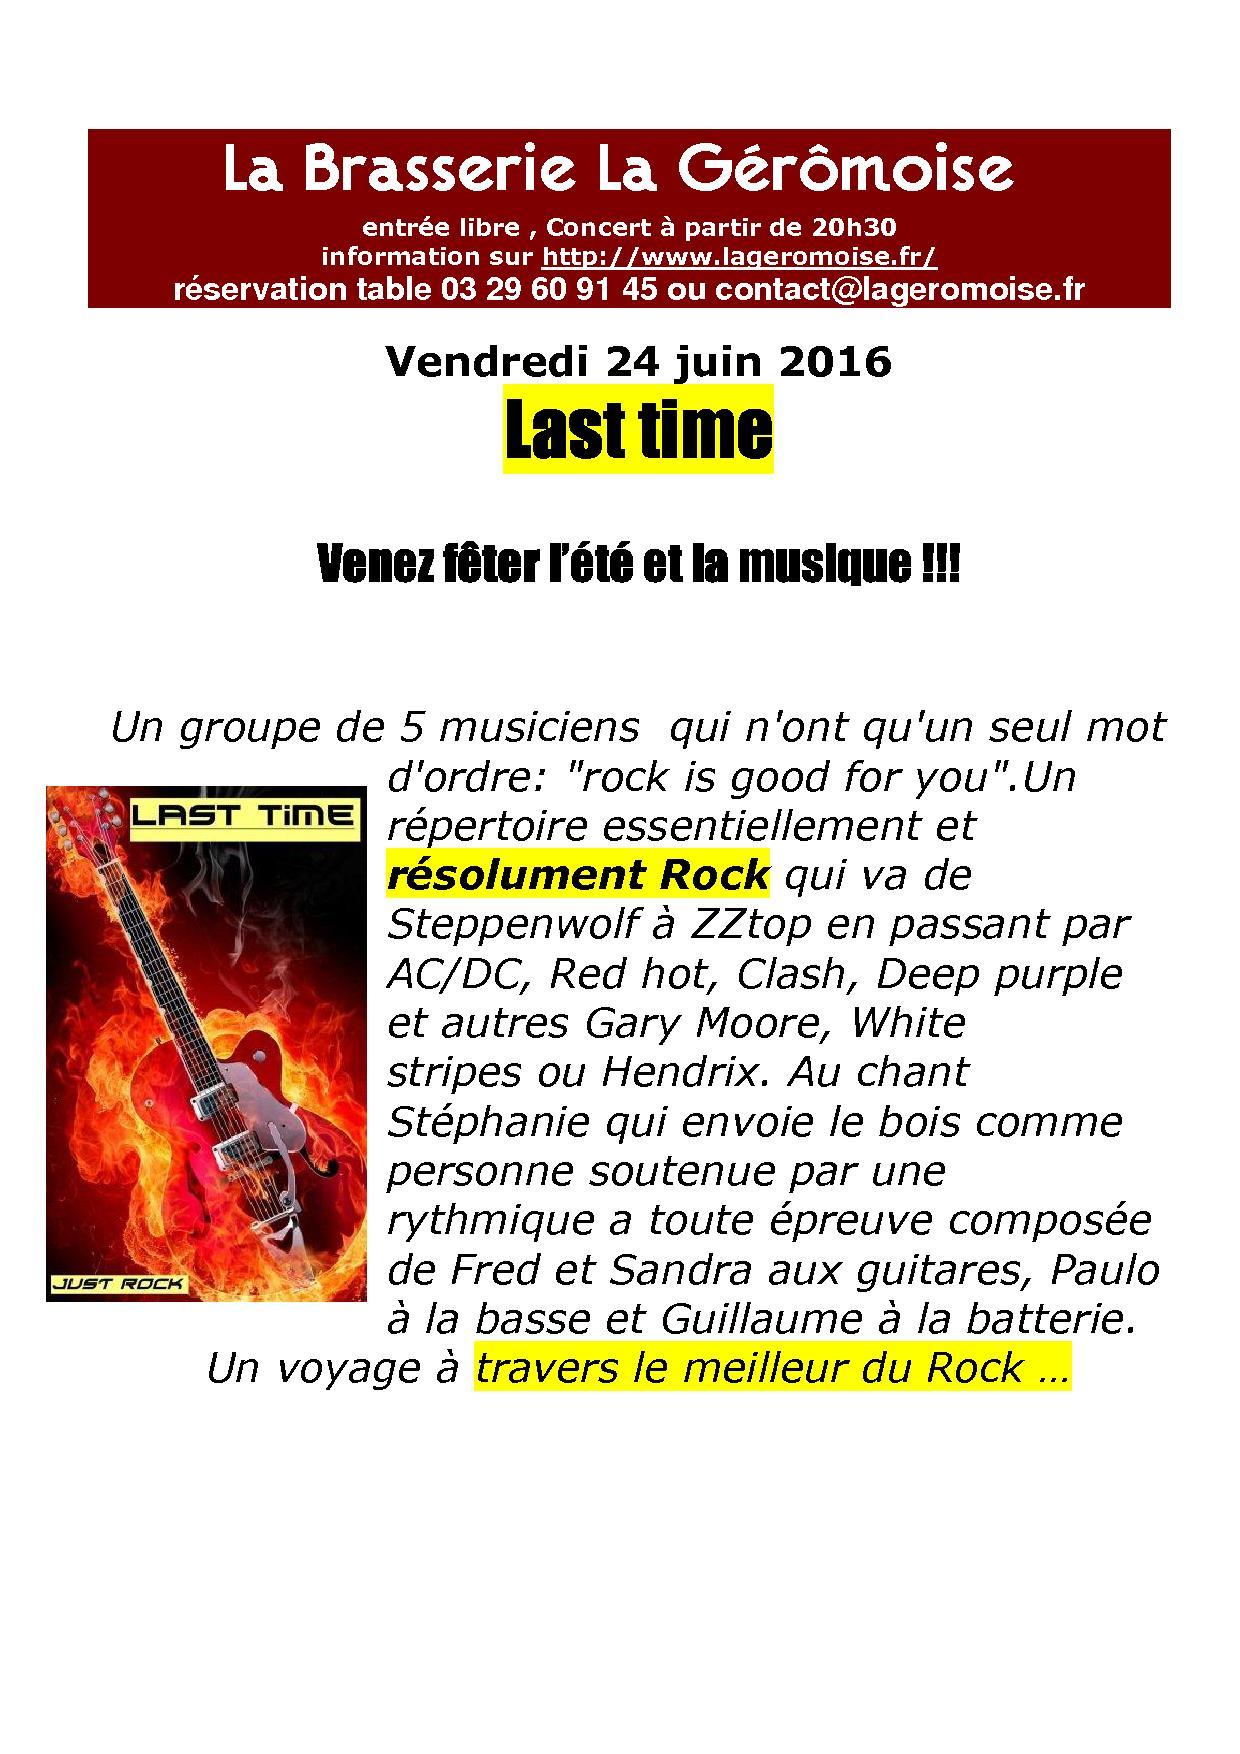 concerts-fete-de-la-musique-2016-24-juin.jpg